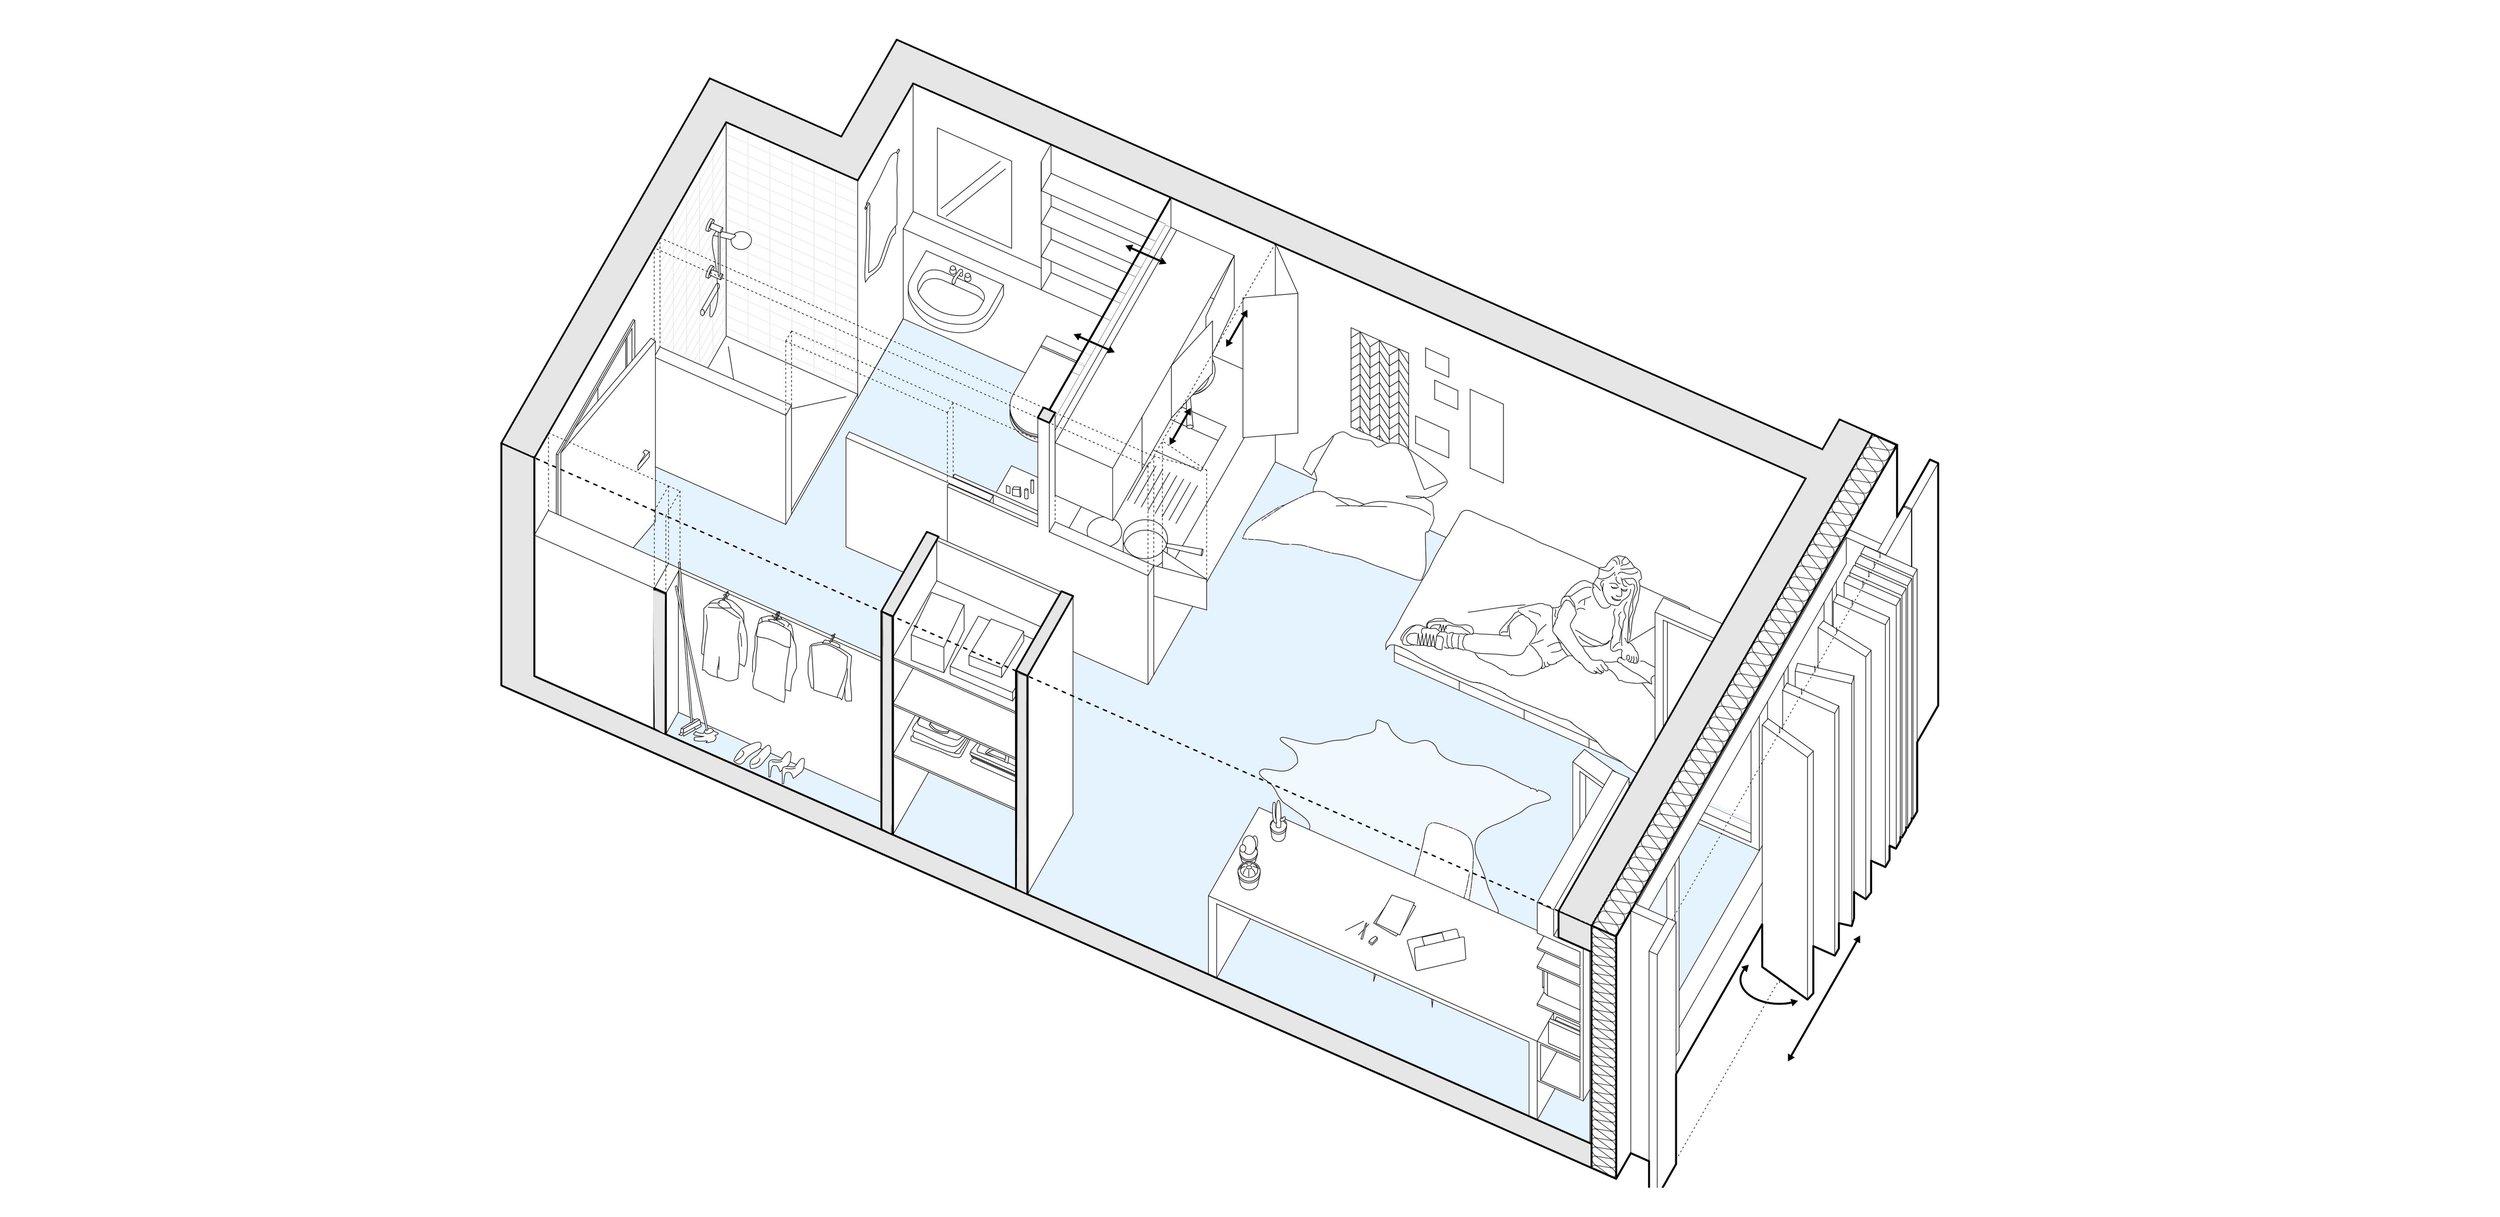 Residence-Paris-Axonometrie.jpg